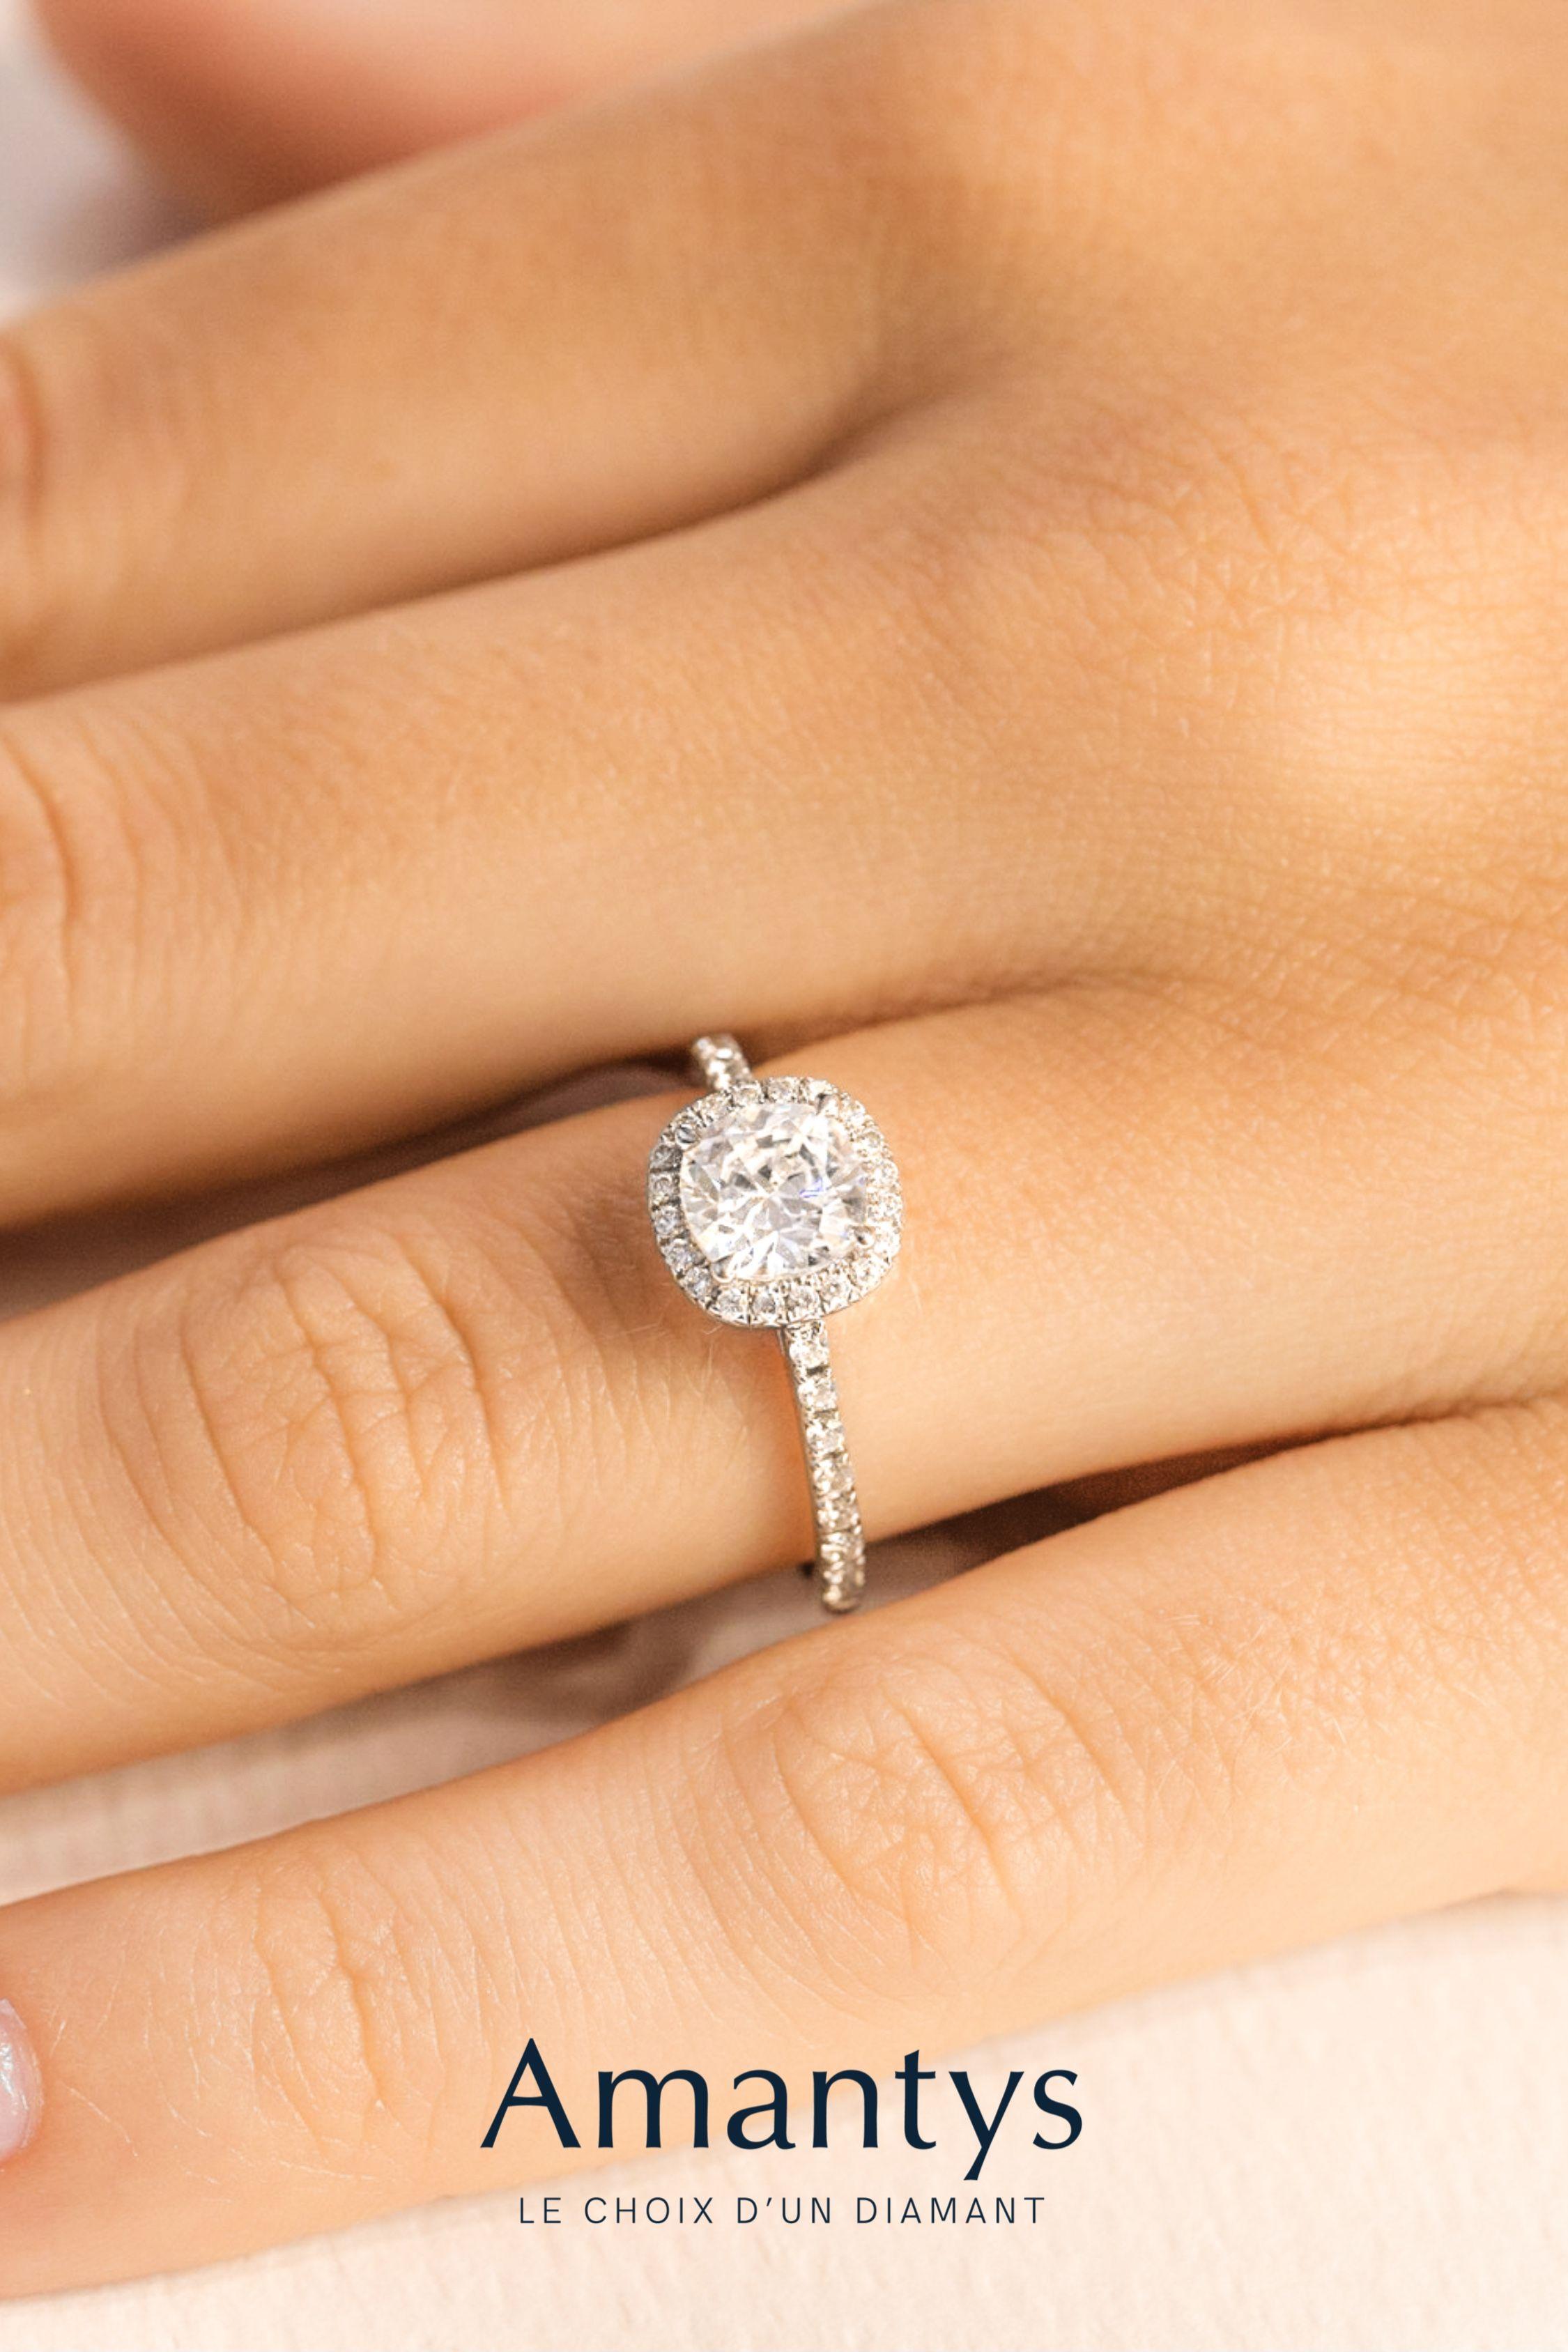 Solitaire Diamant Mariage Bague De Fiancailles Sur Mesure Delicate Taille Coussin Bagues De Fiancailles Solitaire Bague De Fiancailles Bague